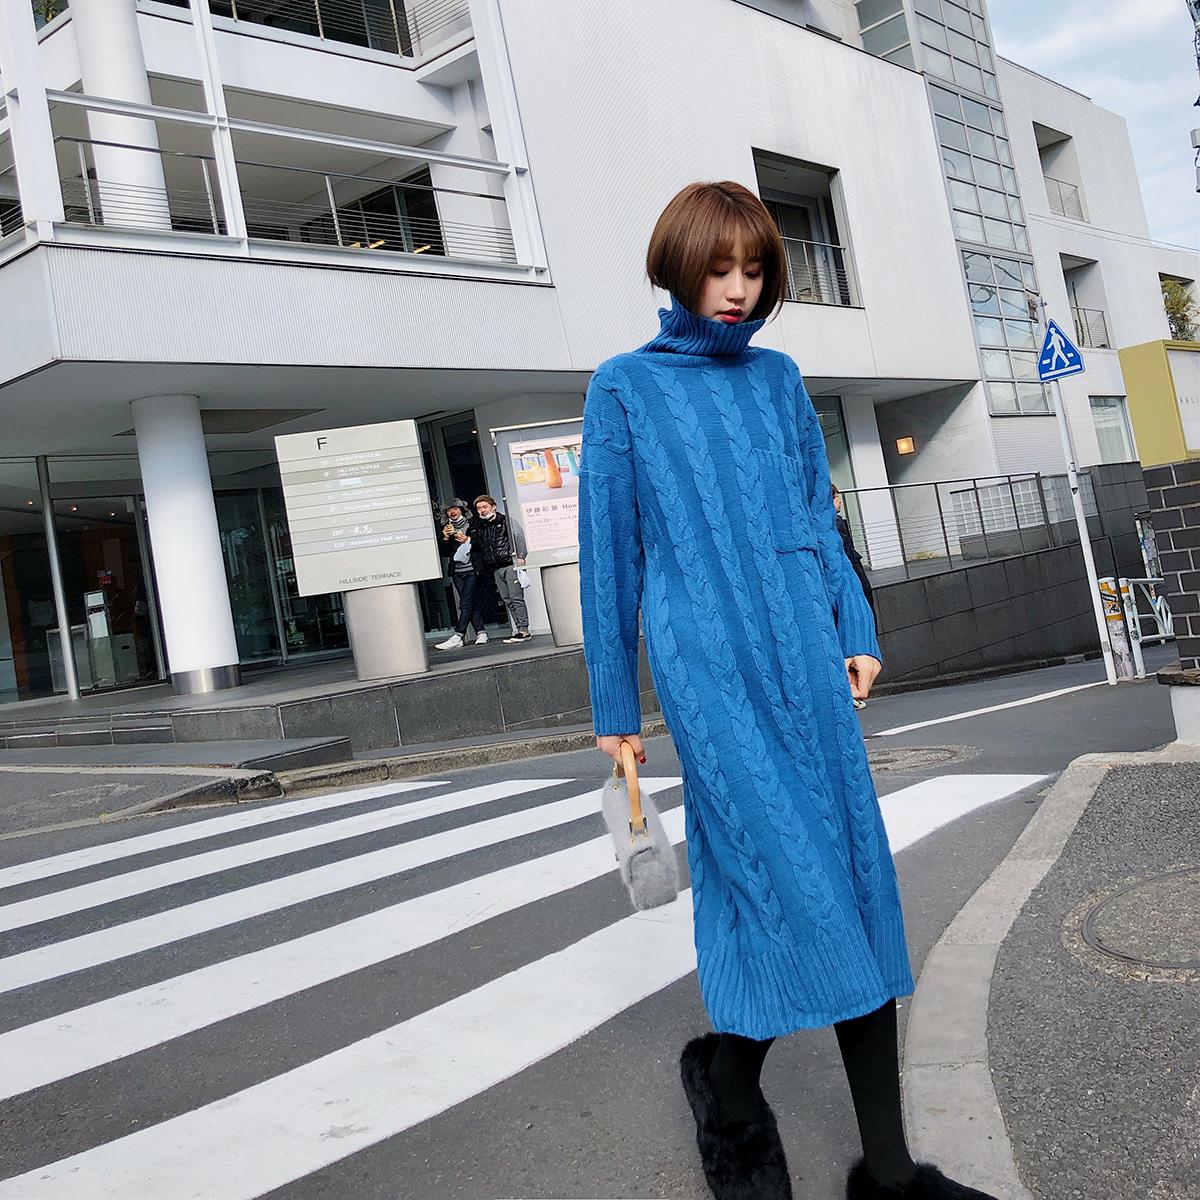 2018新款冬装毛线裙子 高领麻花过膝毛衣裙长袖针织连衣裙女冬裙